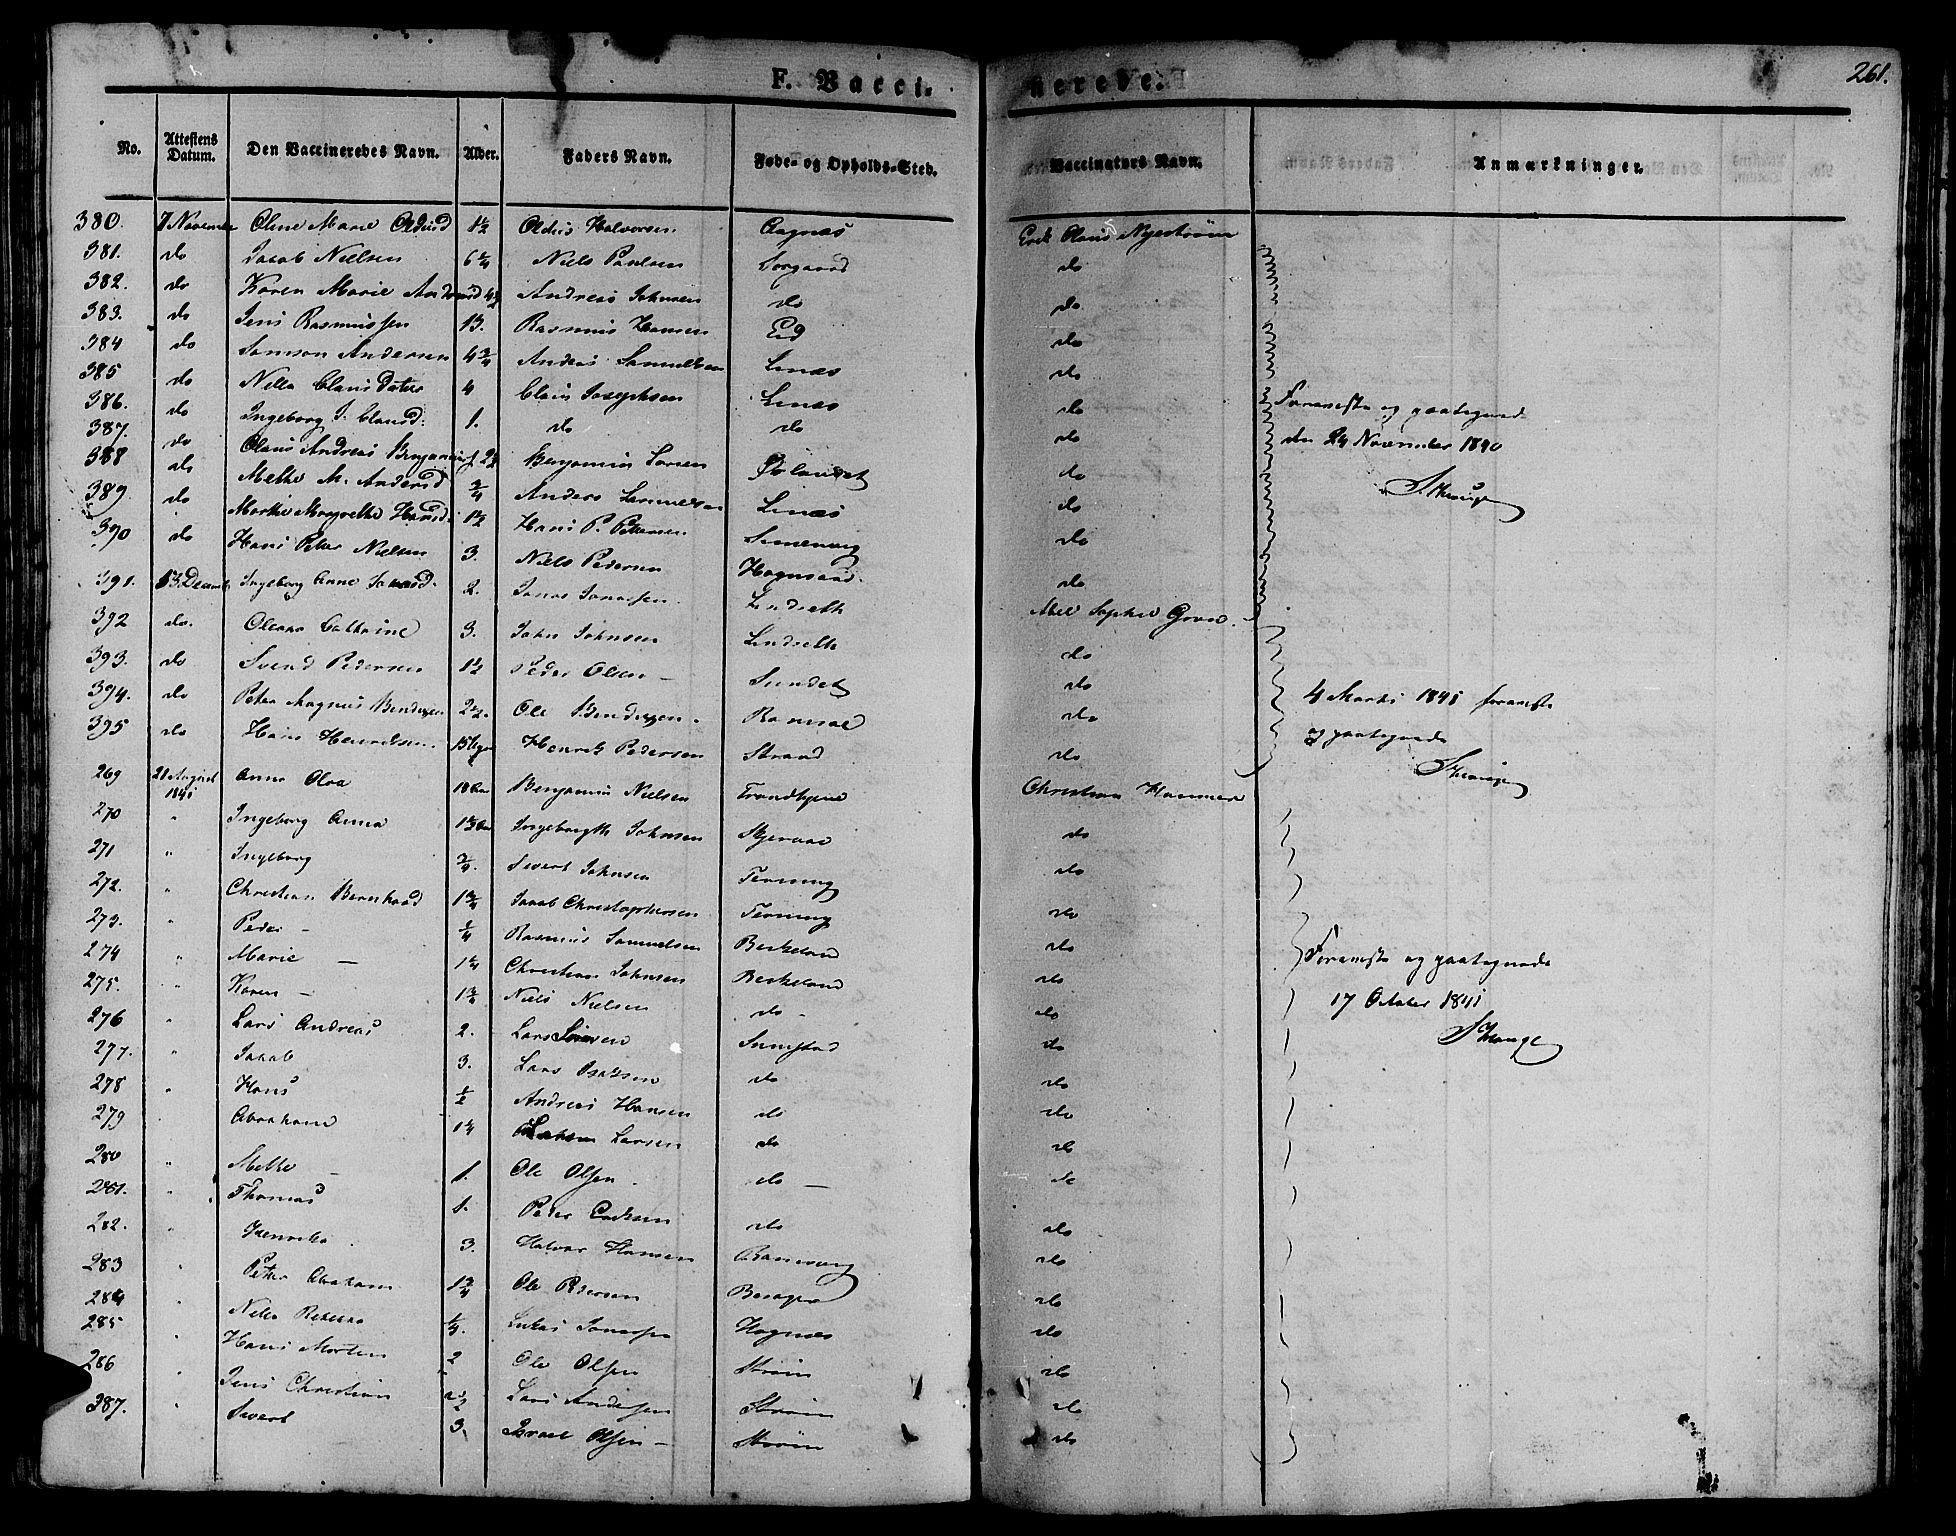 SAT, Ministerialprotokoller, klokkerbøker og fødselsregistre - Sør-Trøndelag, 657/L0703: Ministerialbok nr. 657A04, 1831-1846, s. 261